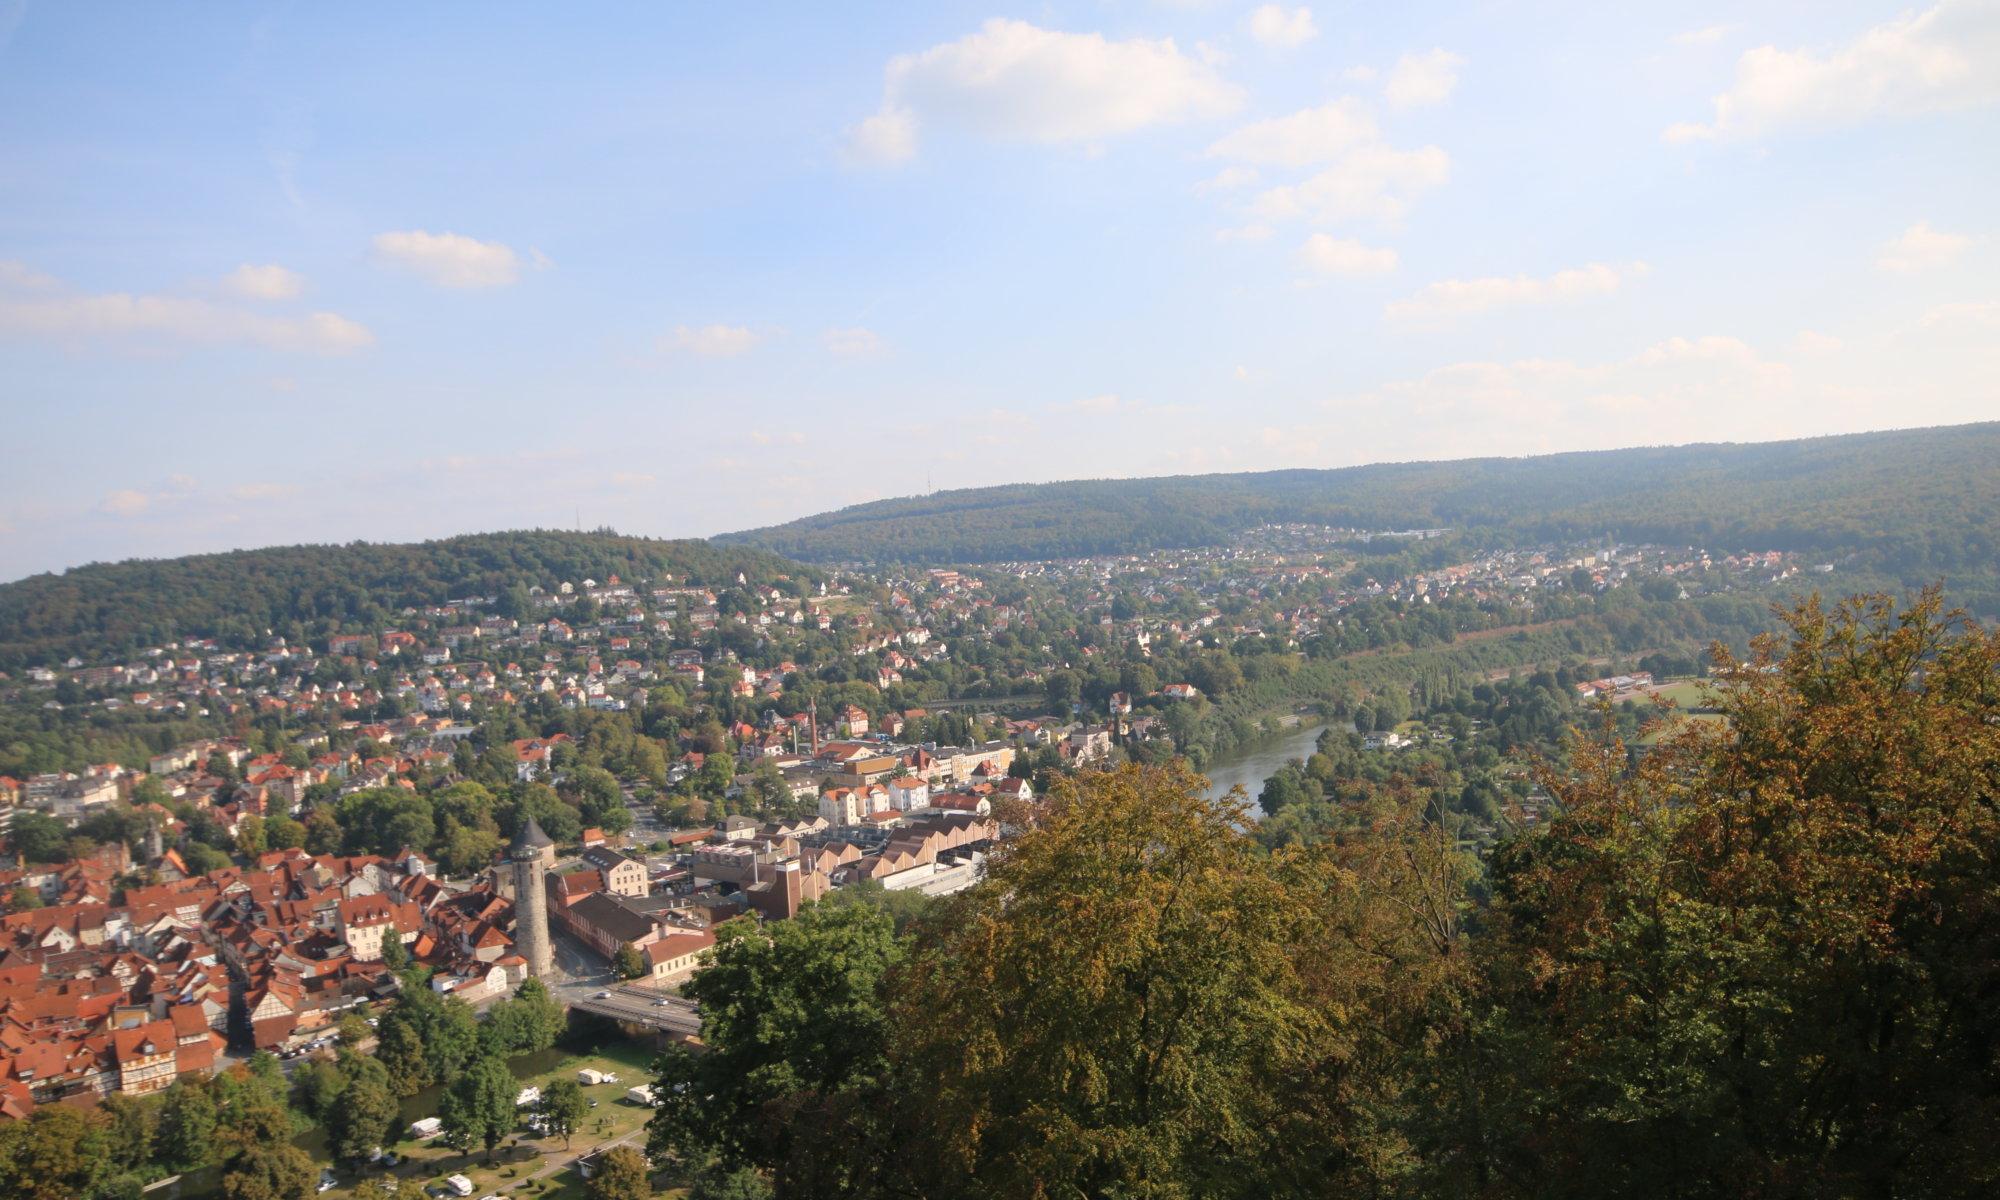 View on Kattenbühl from Tillyschanze tower, Hann. Münden